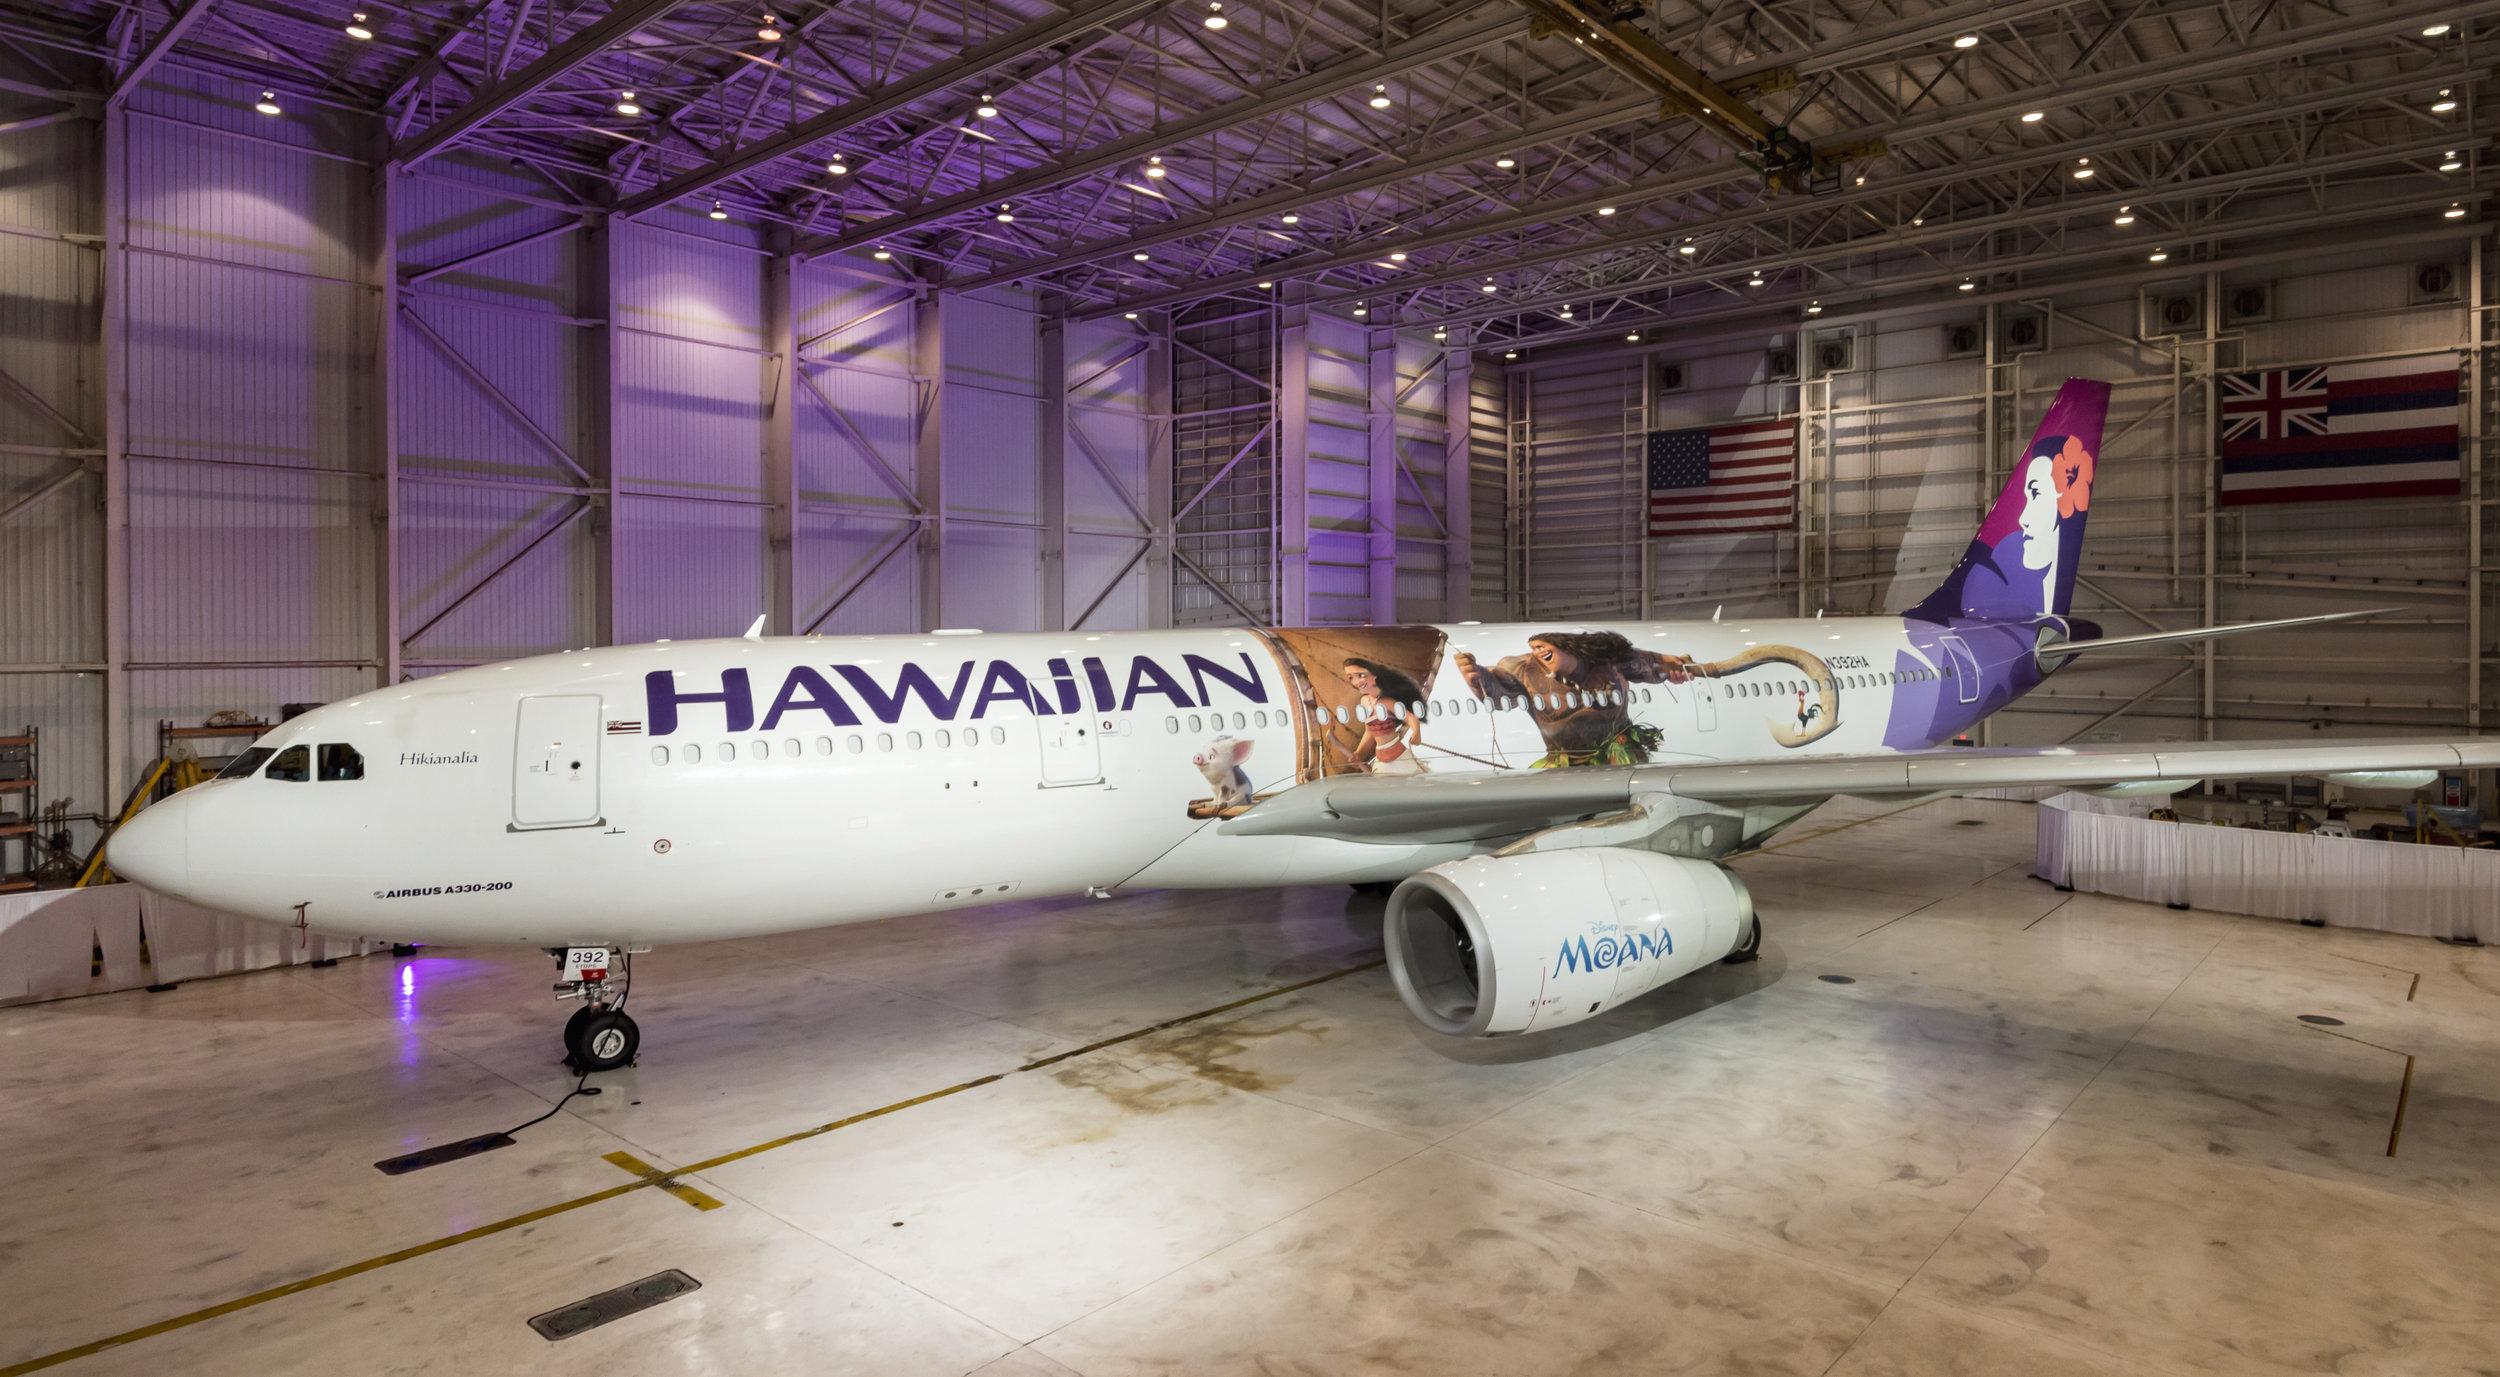 Hawaiian Moana aircraft